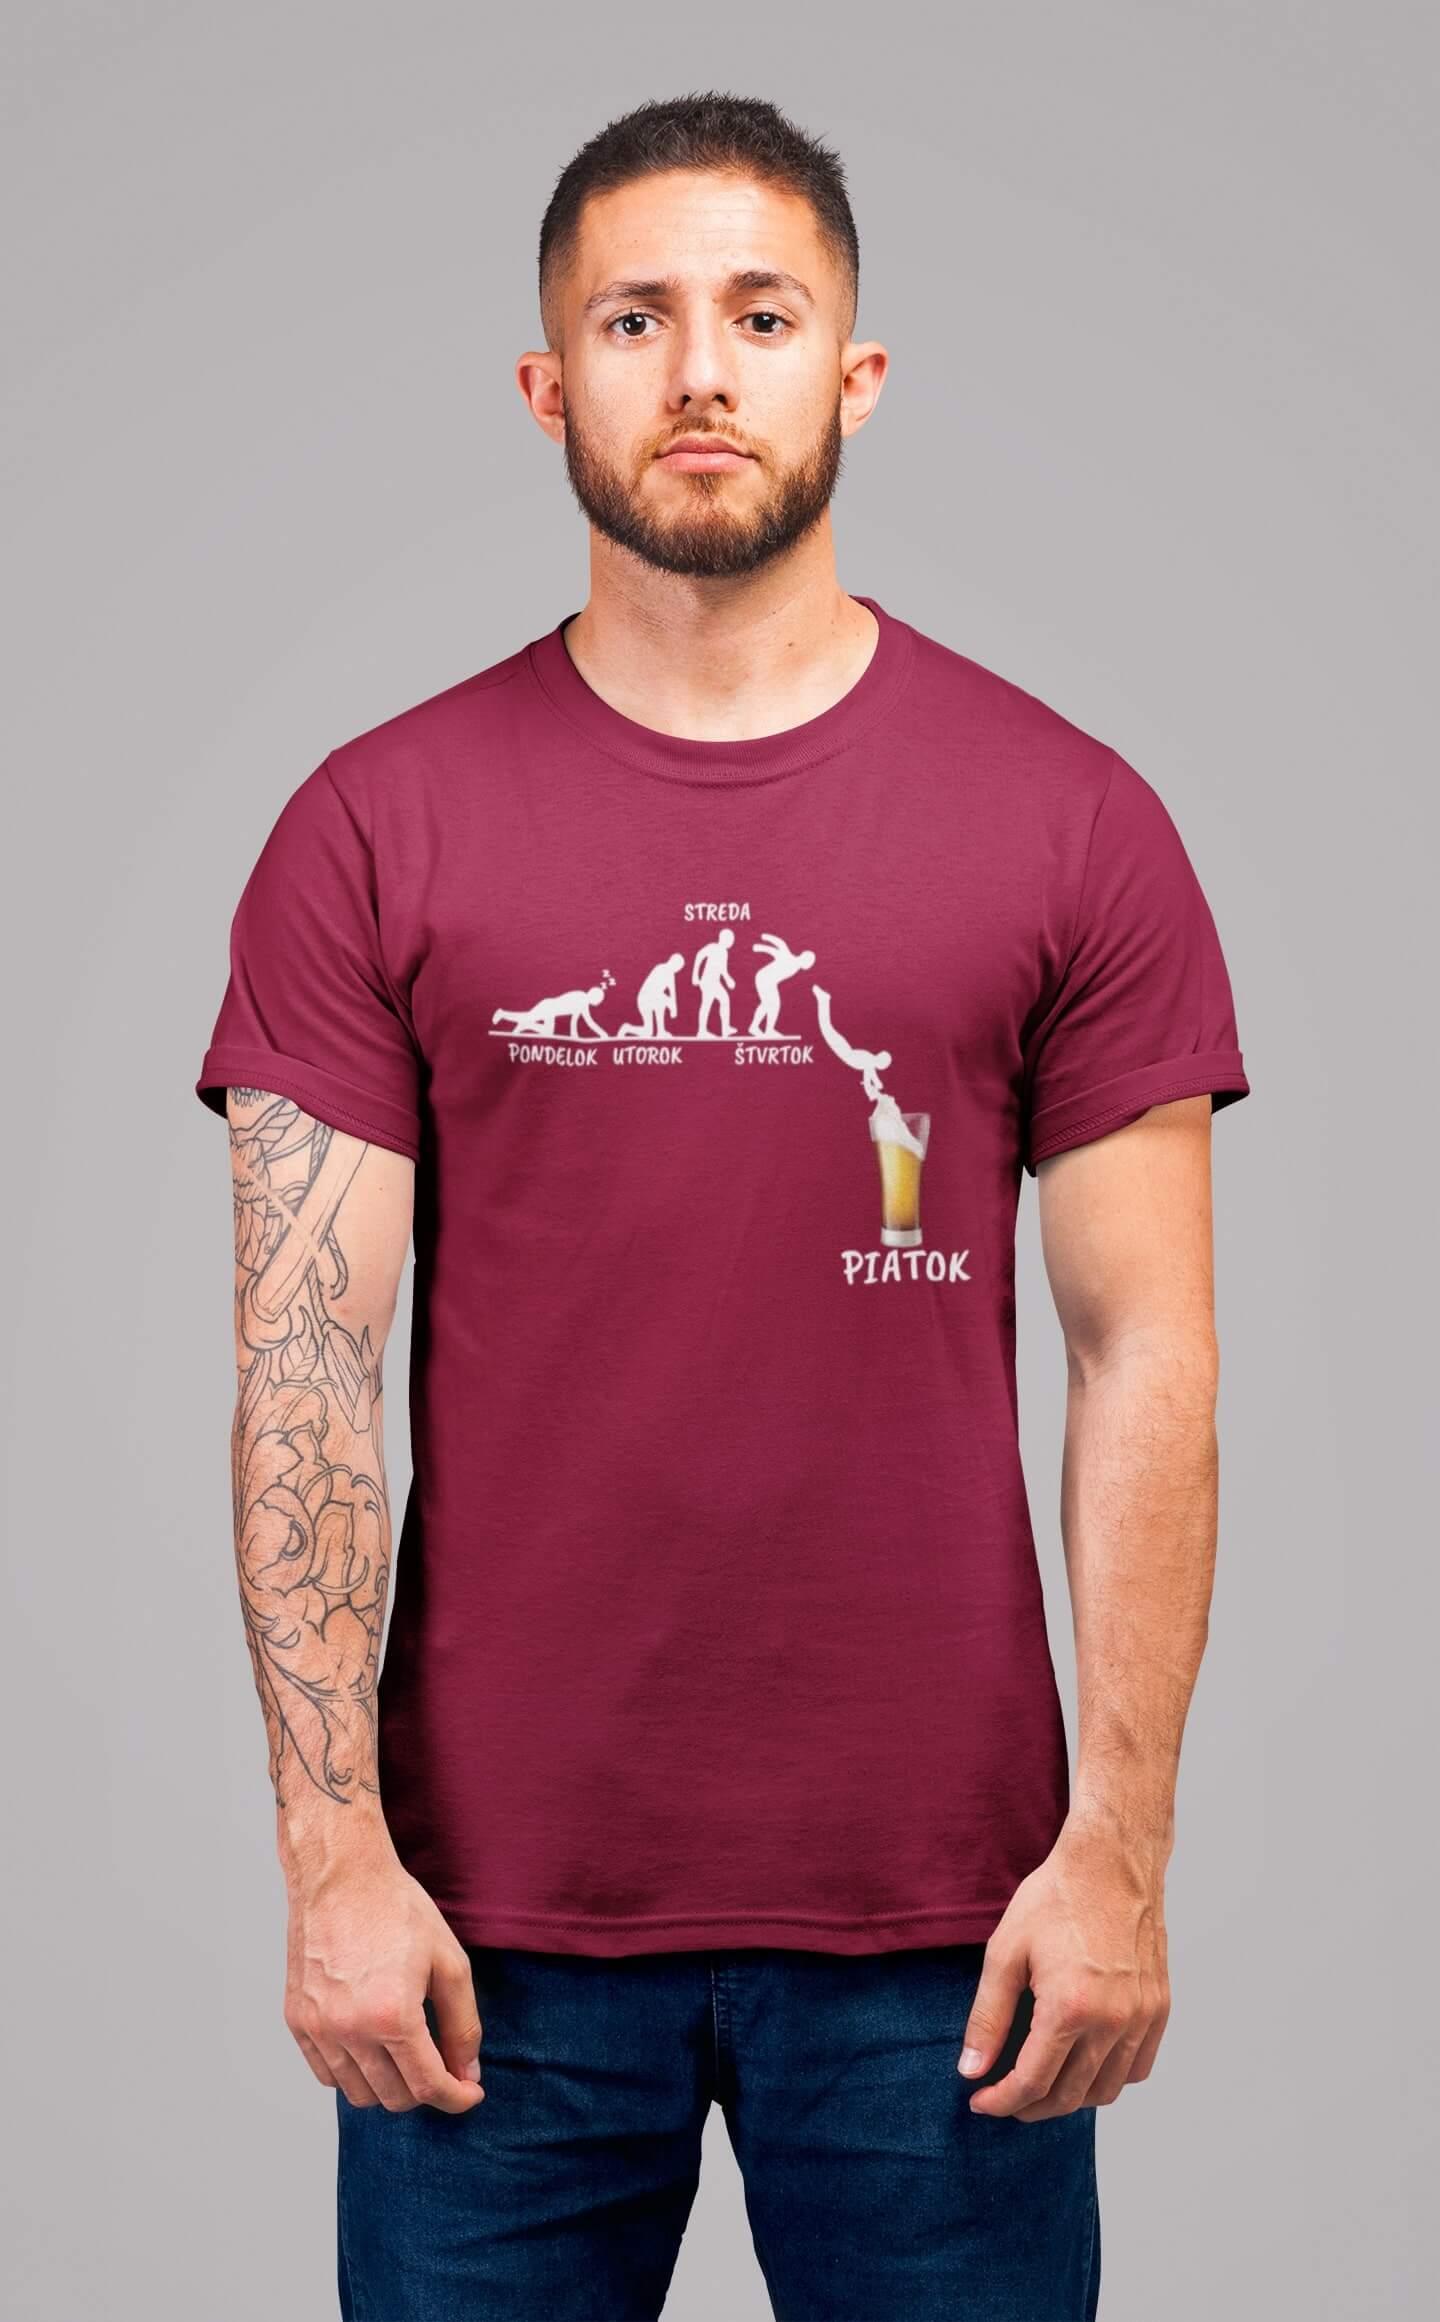 MMO Pánske tričko Týždeň v živote muža Vyberte farbu: Marlboro červená, Vyberte veľkosť: M